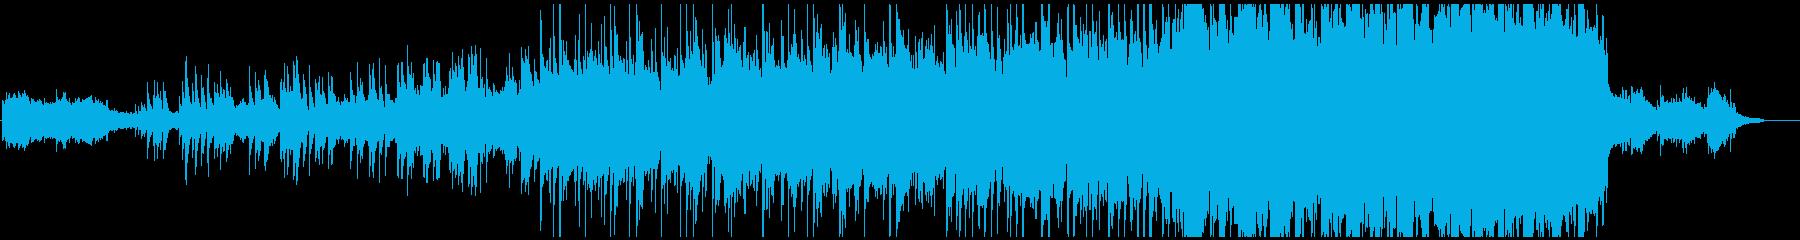 綺麗なピアノメロディの感動的なバラードの再生済みの波形